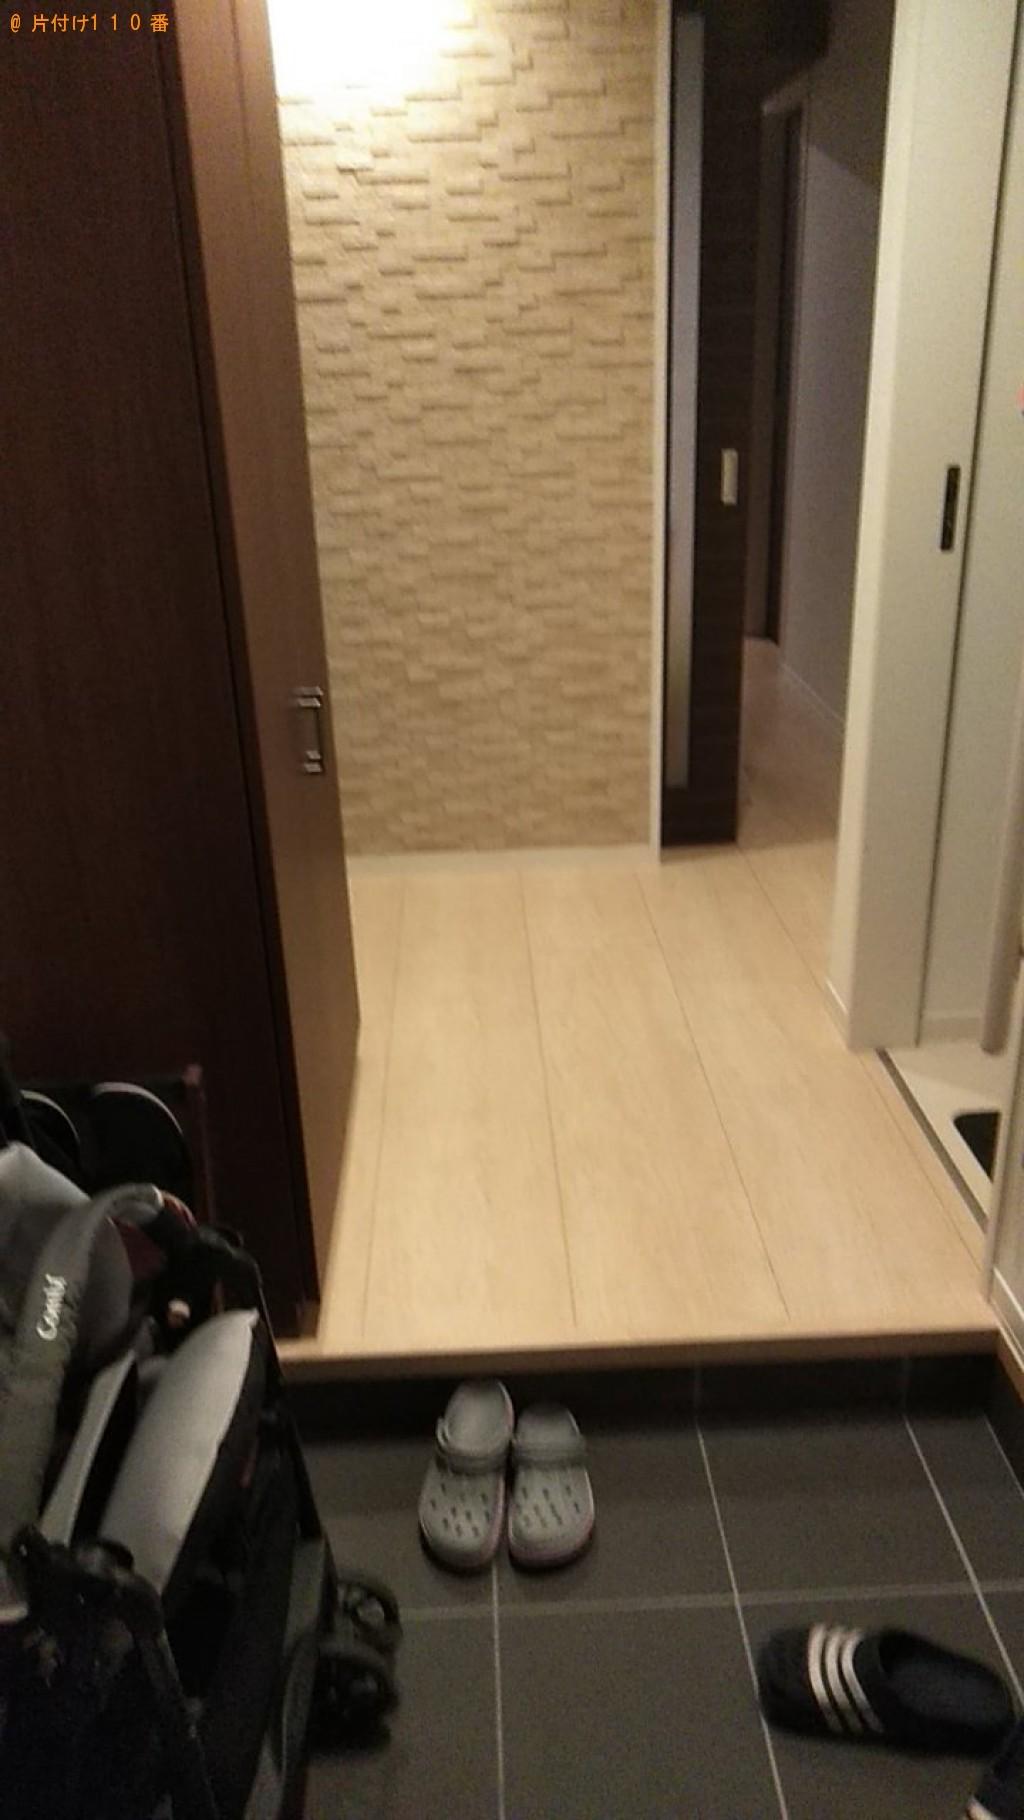 【松山市】シングルベッドマットレス二つの回収・処分ご依頼